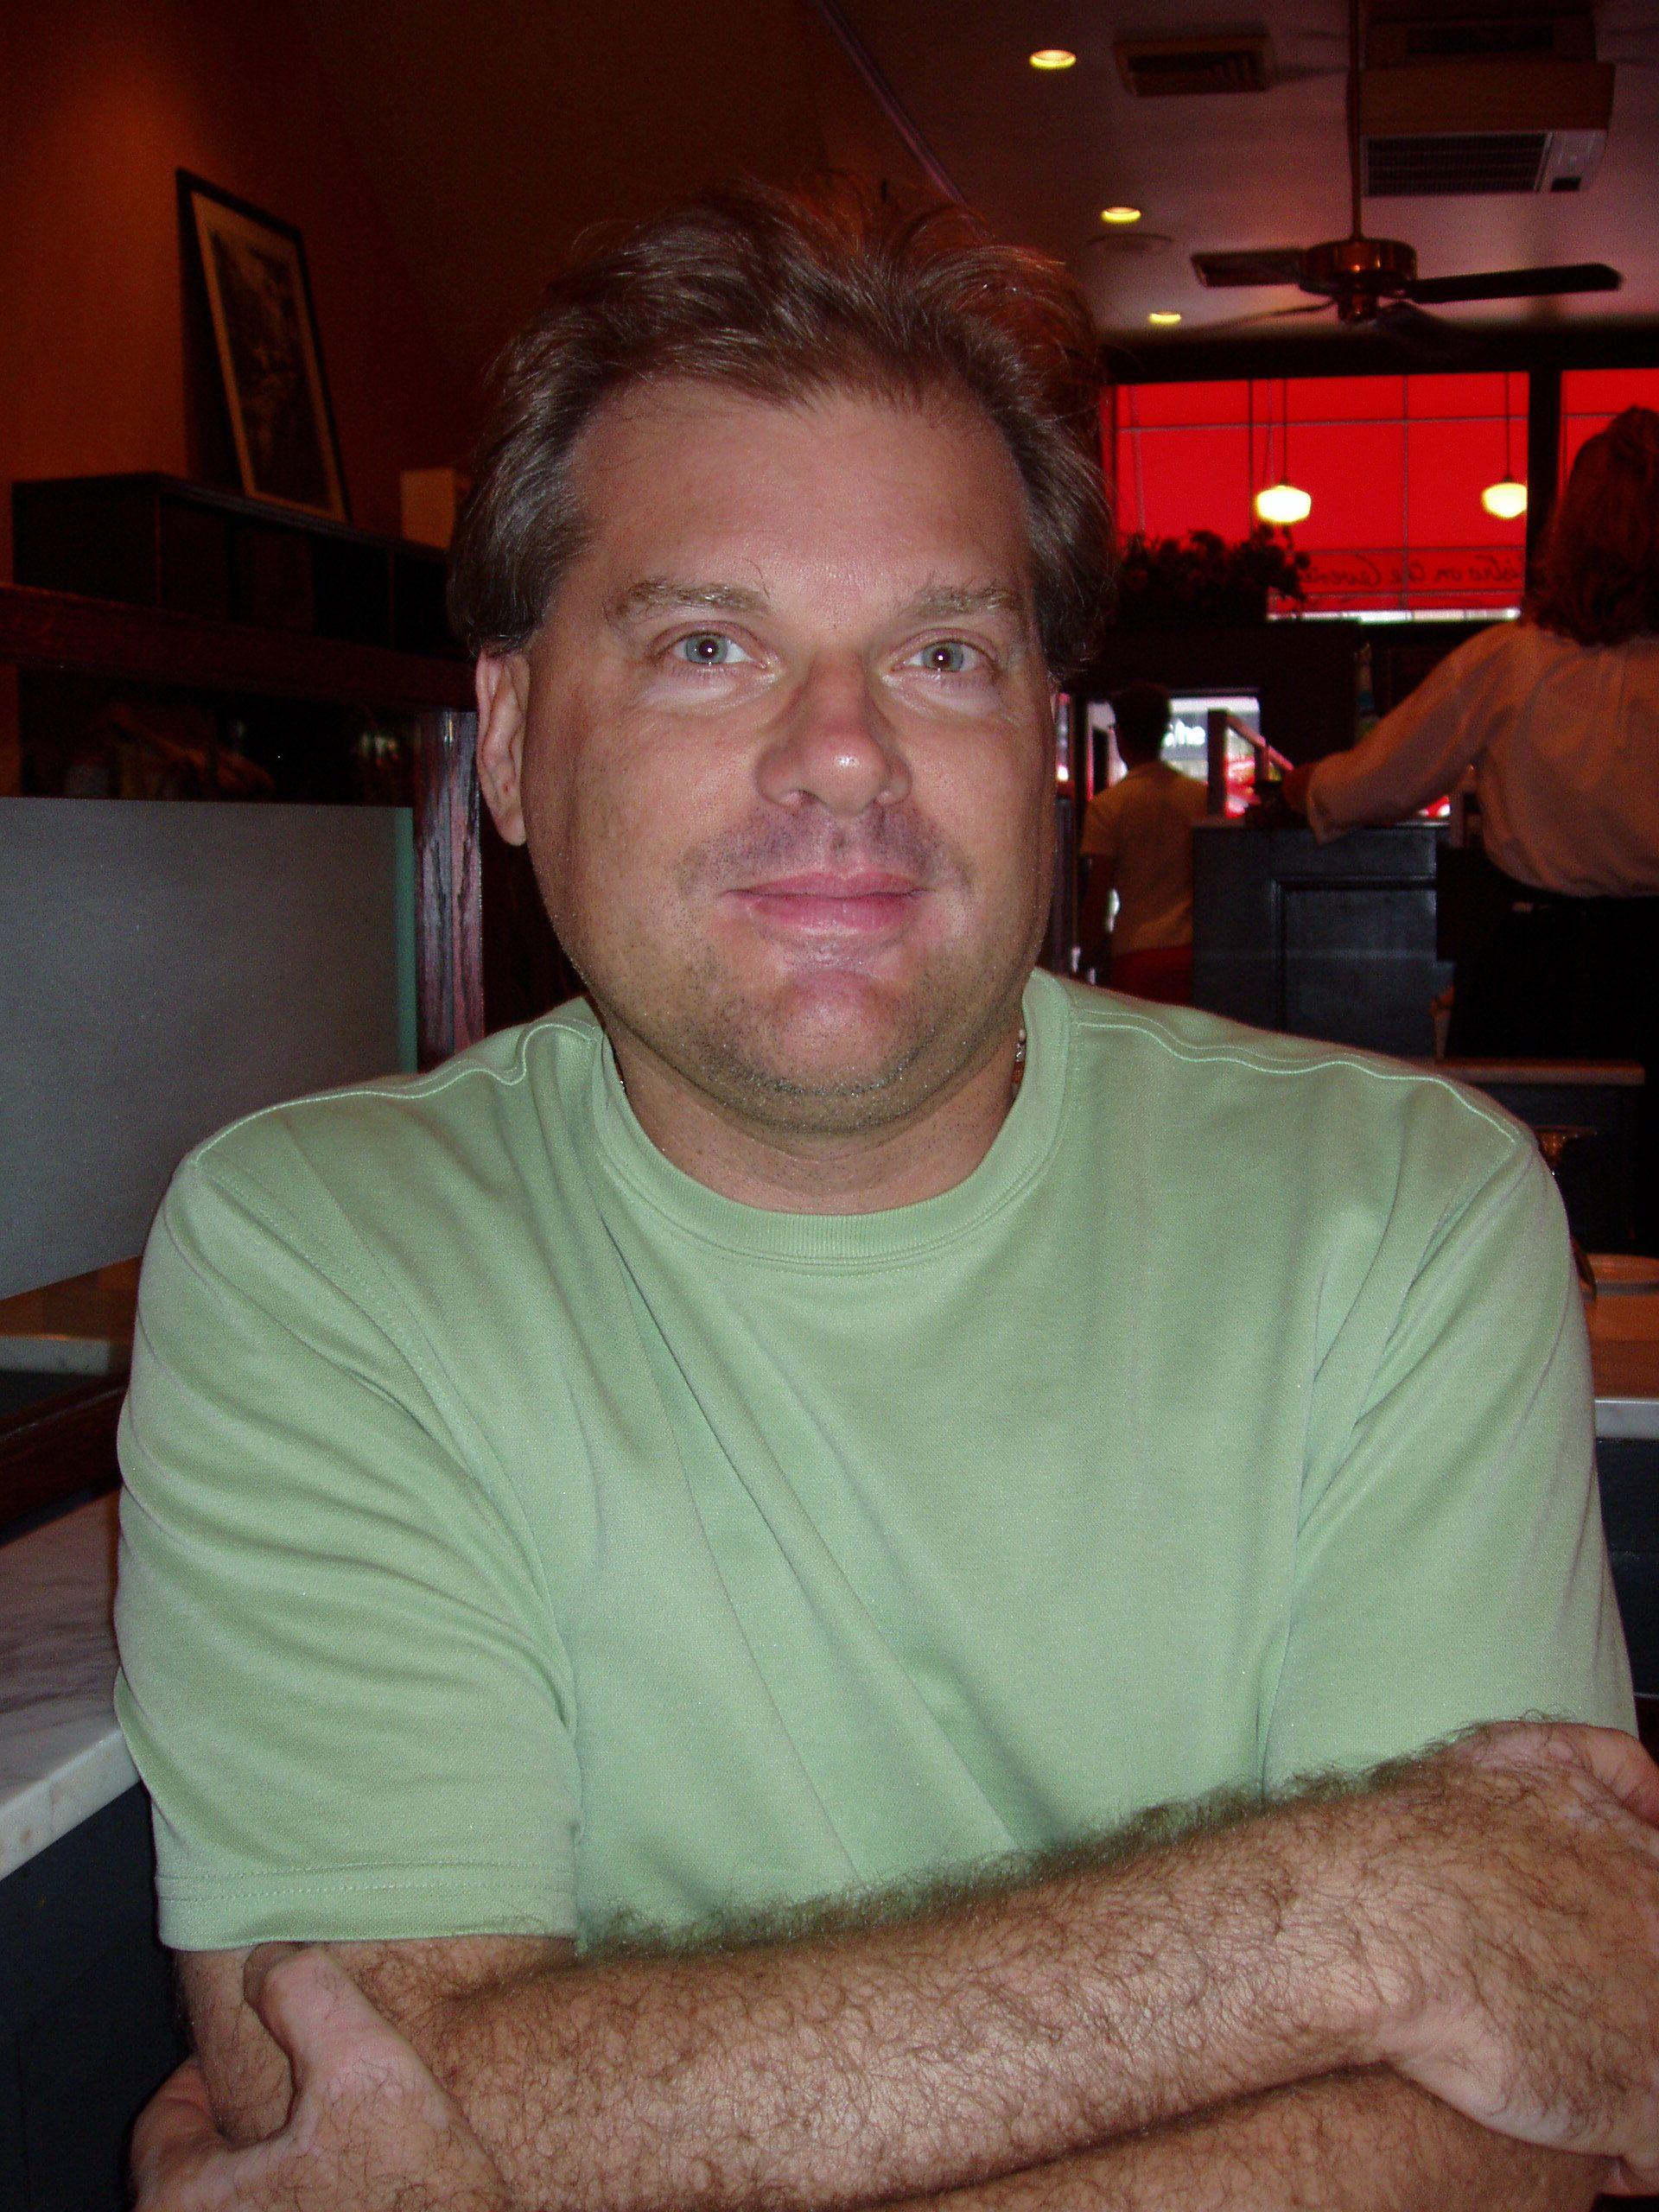 JoreJj Z. Elprehzleinn 2005